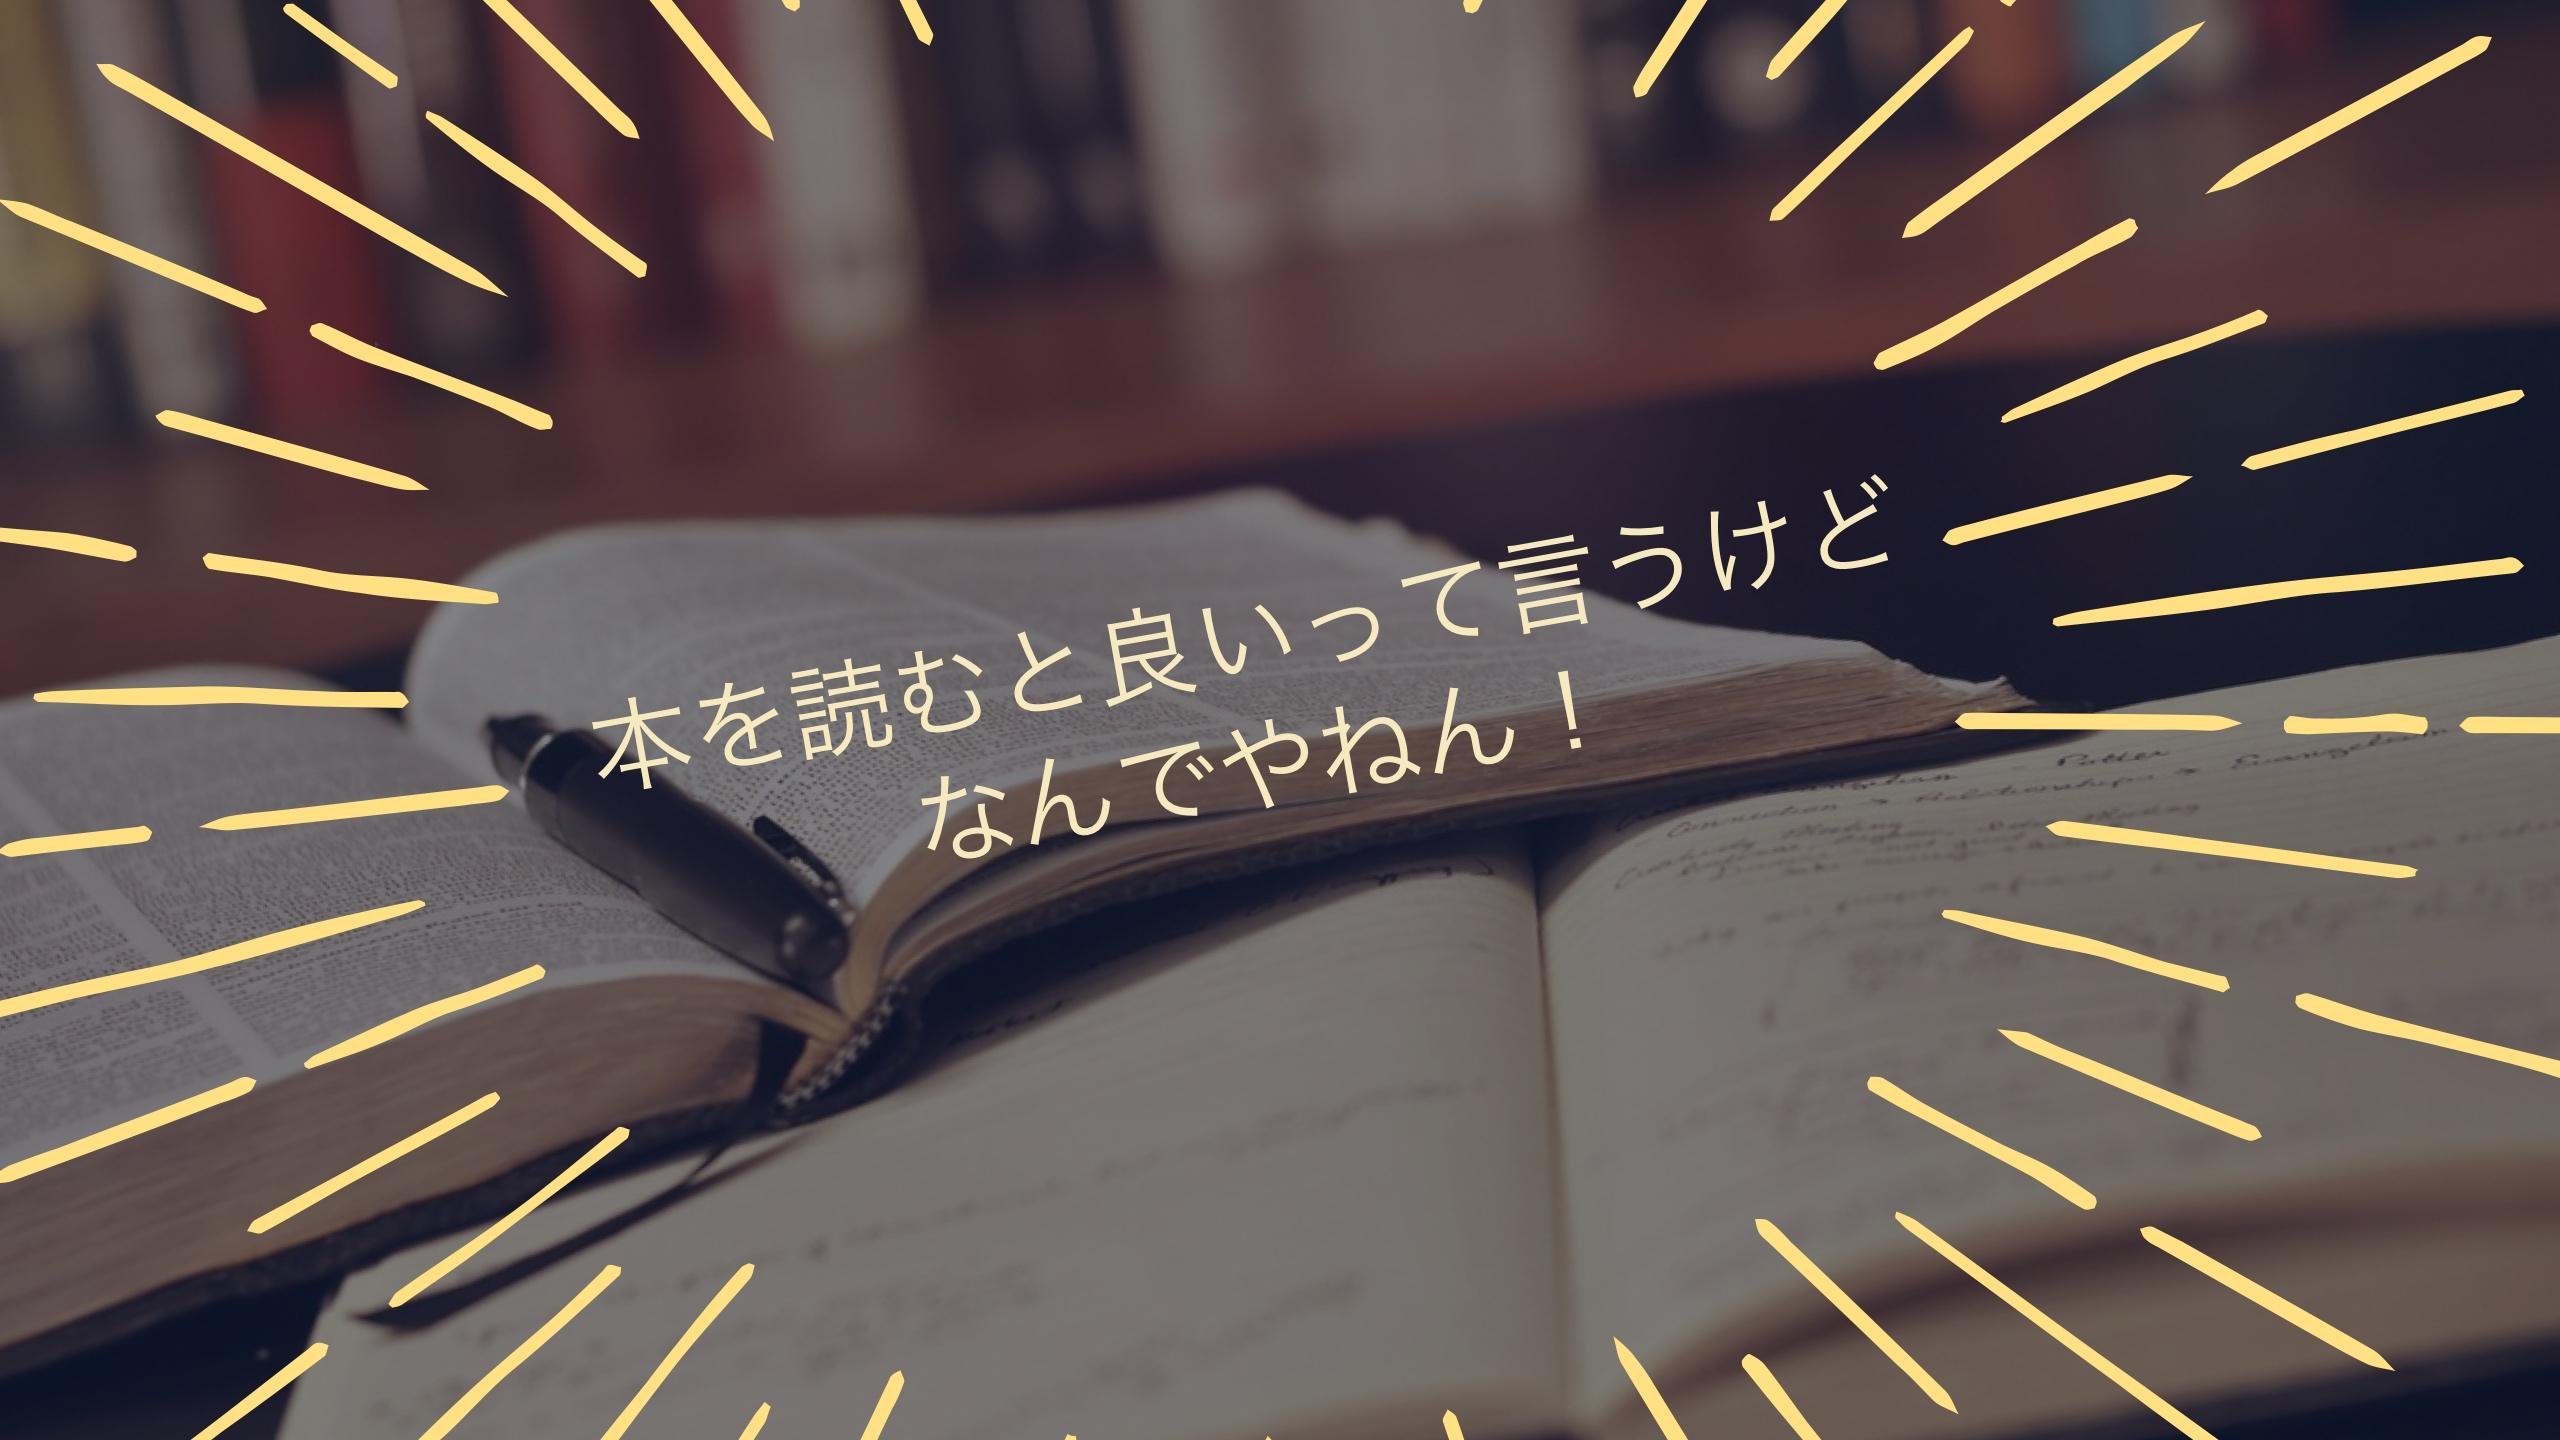 本を読むメリットの考察―世界の幅を広げる読書体験